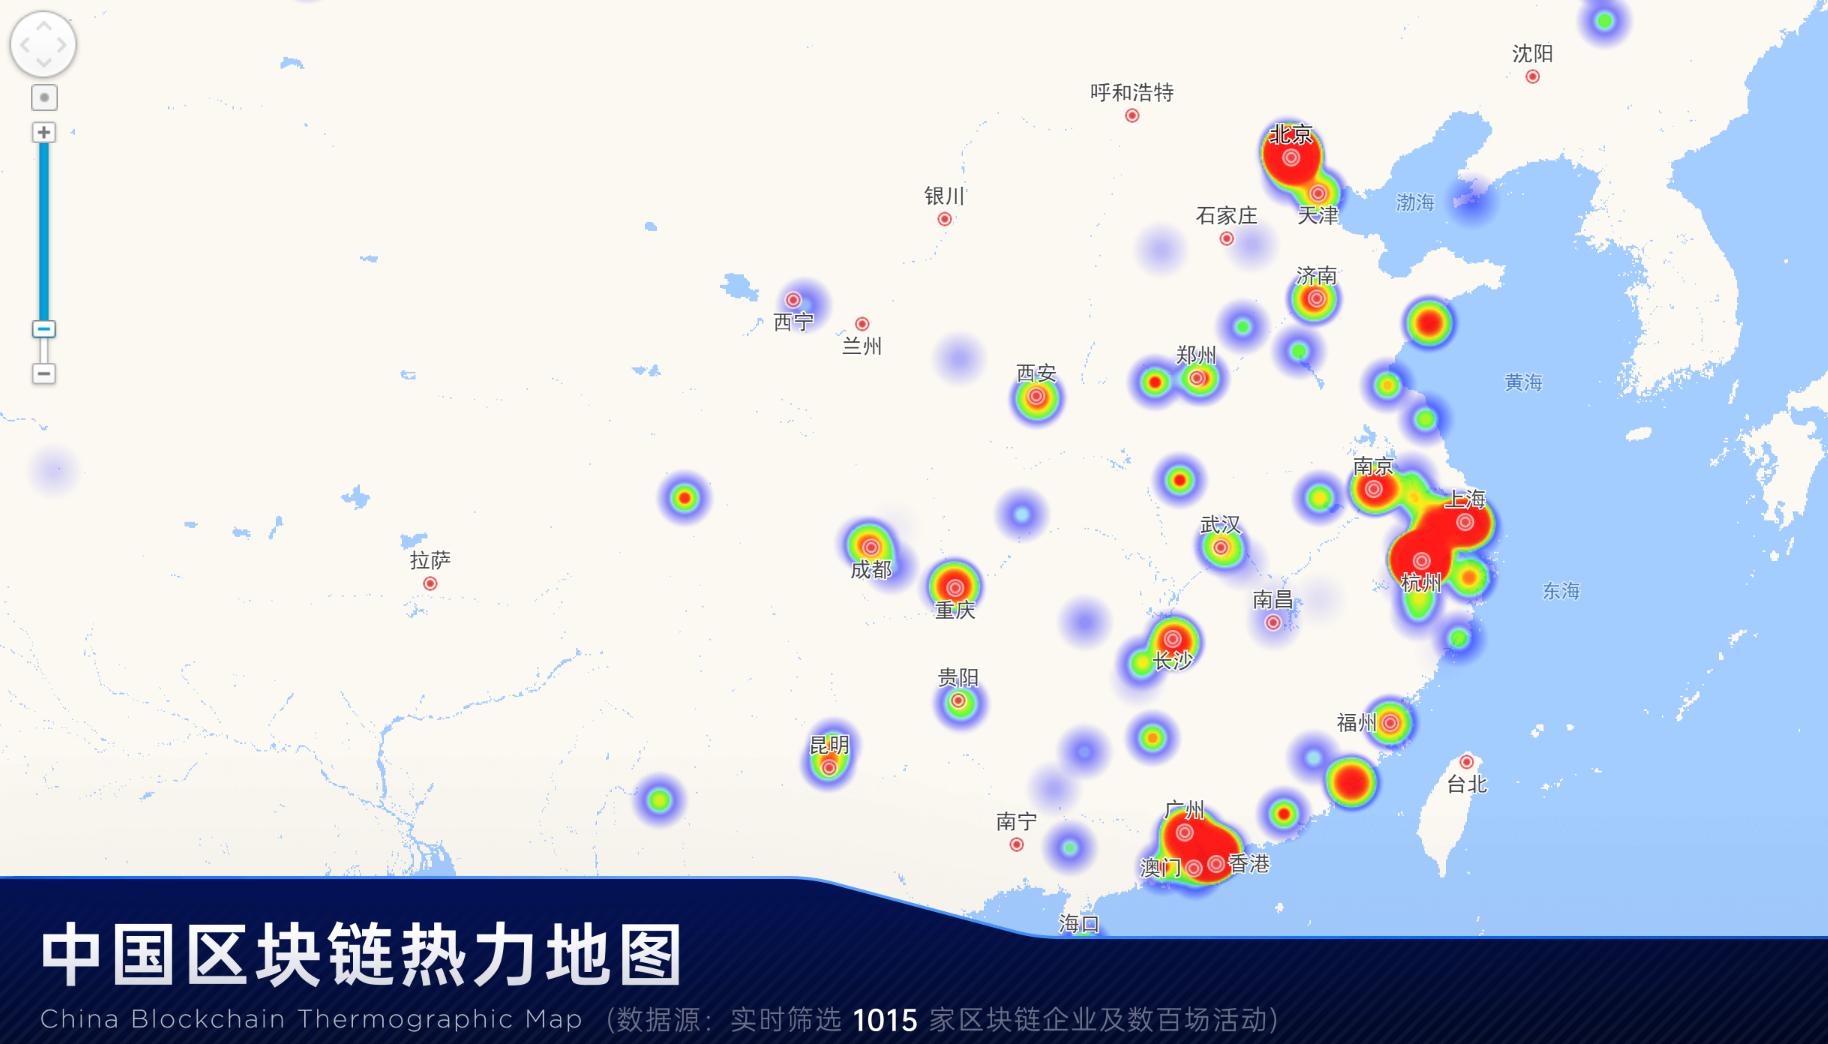 中国区块链热力地图